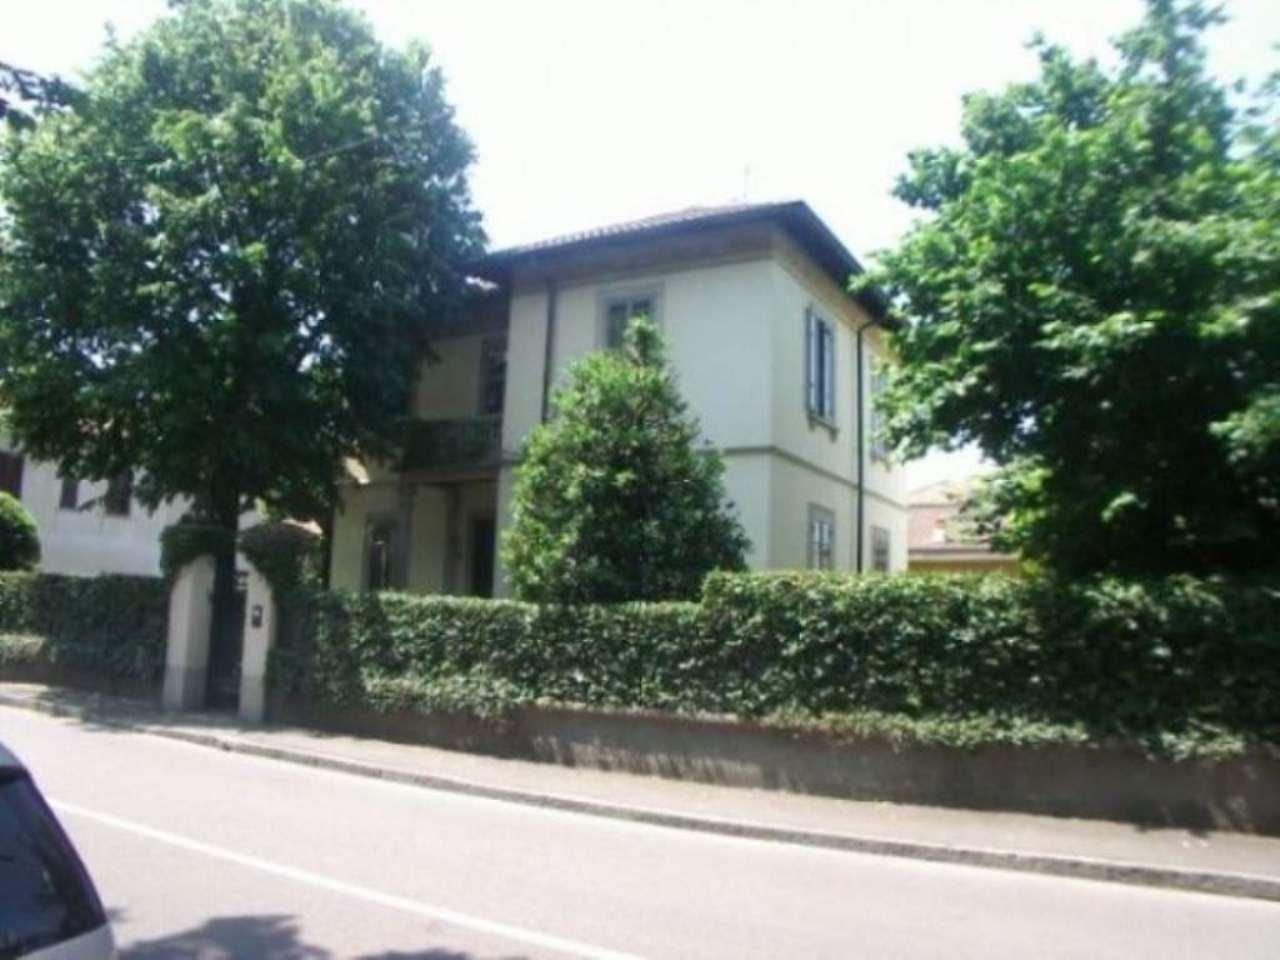 Villa in vendita a Cavenago di Brianza, 6 locali, prezzo € 630.000 | Cambio Casa.it